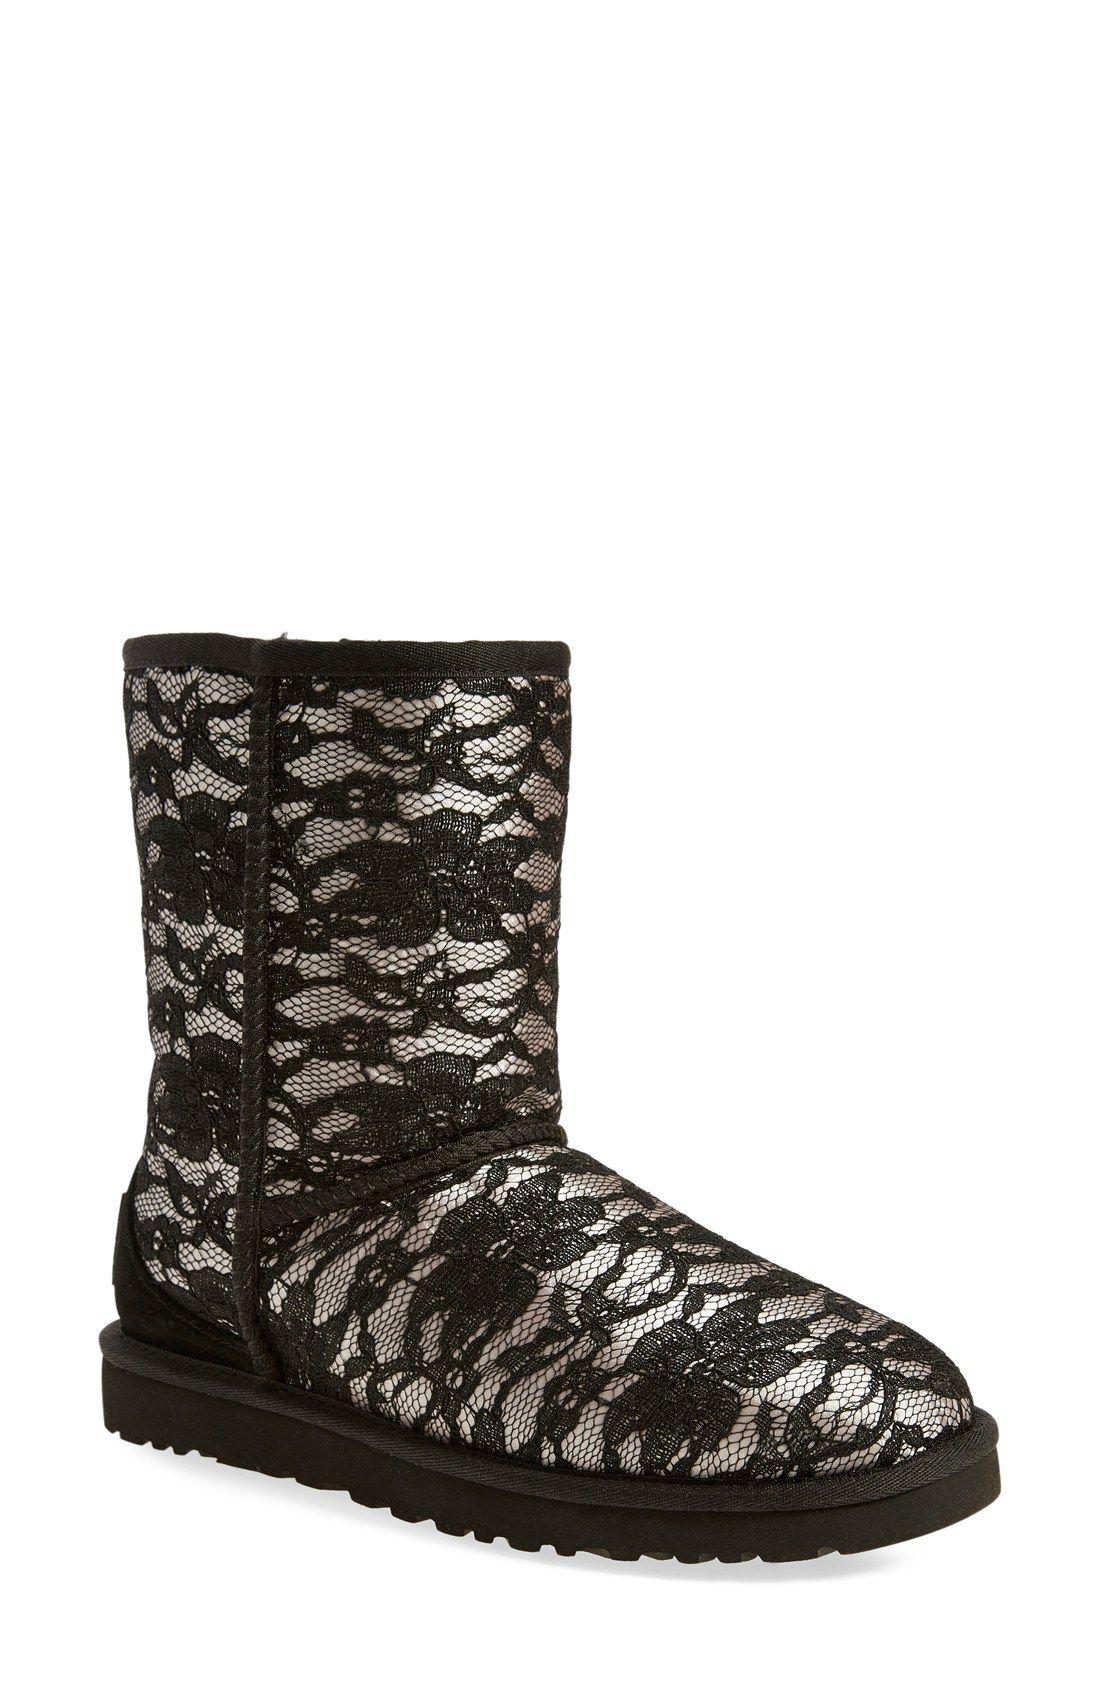 ugg classic short antoinette boot